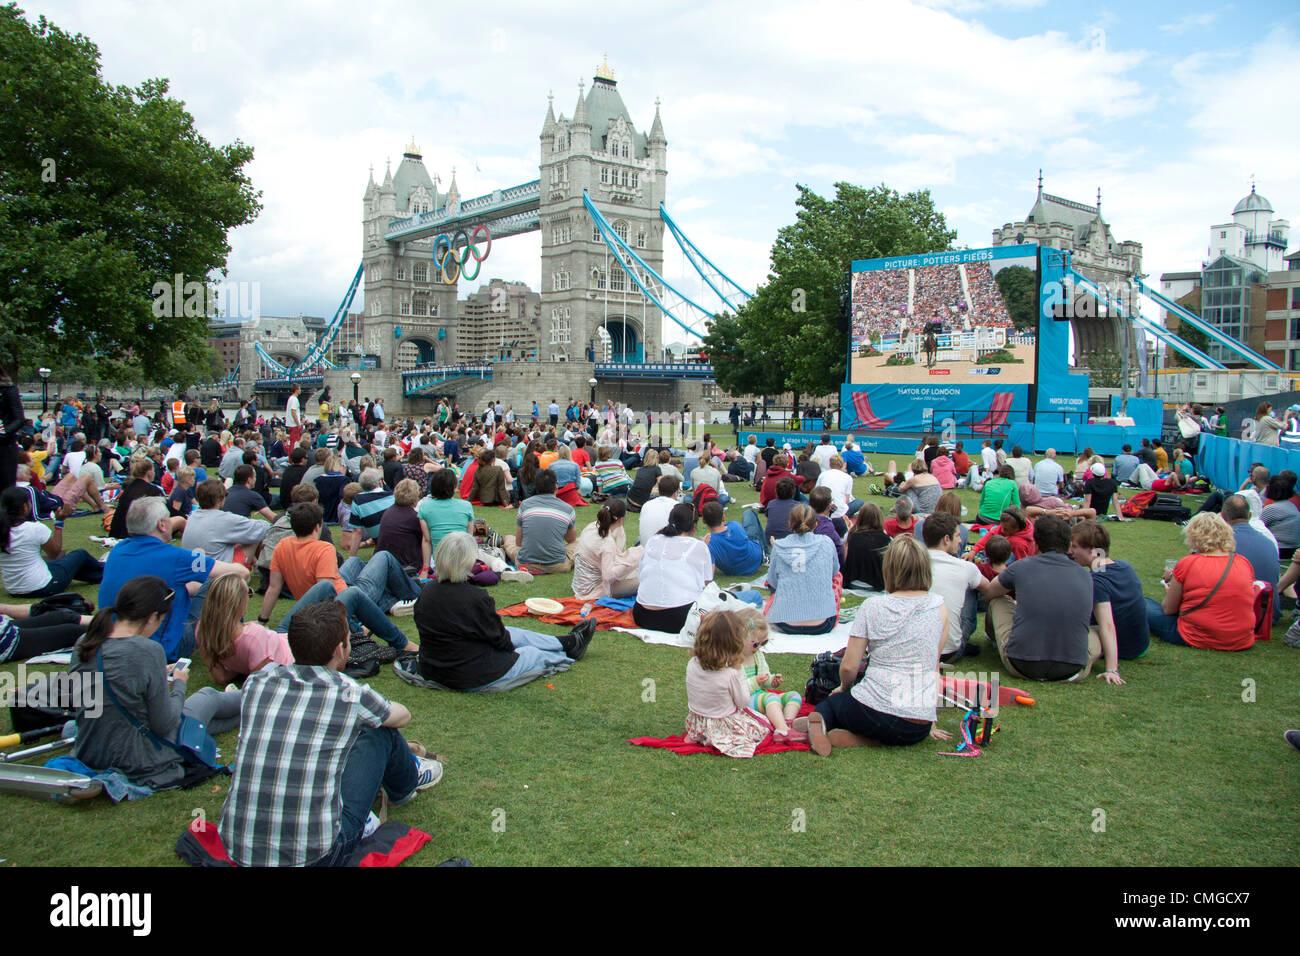 6 de agosto de 2012. Londres, Reino Unido. Una gran multitud de espectadores ver eventos Olímpicos ecuestres en una pantalla grande en campos de alfareros neat Tower Bridge Foto de stock